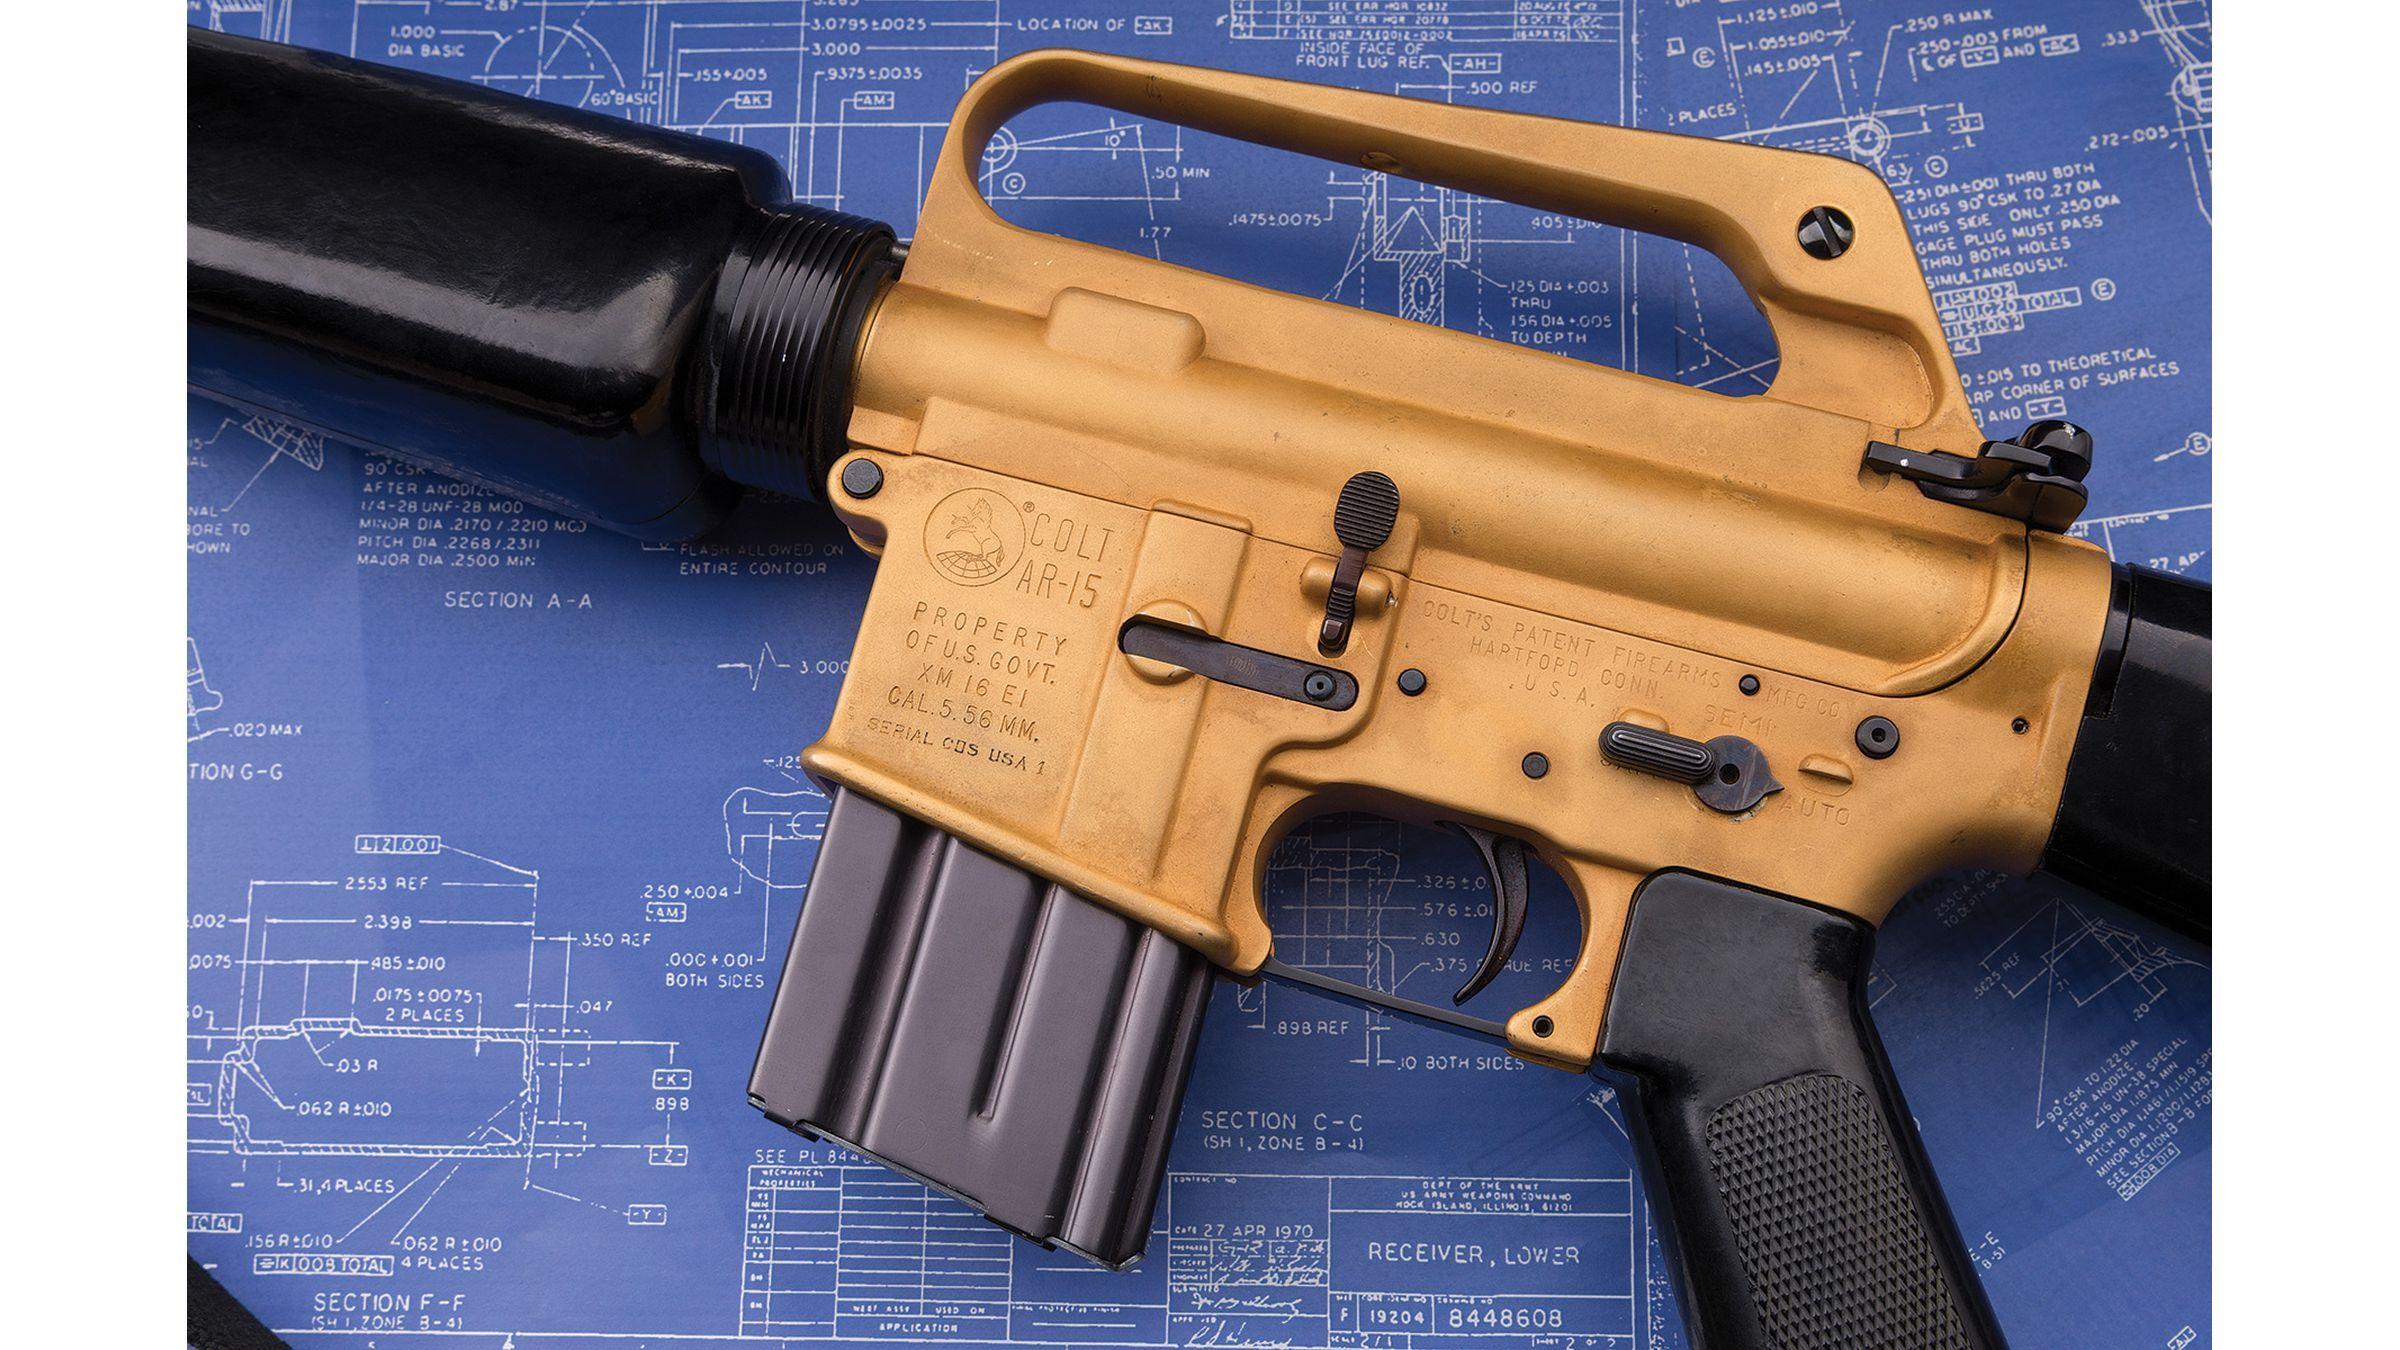 Colt AR-15/XM16E1 Machine Gun - General Wheeler